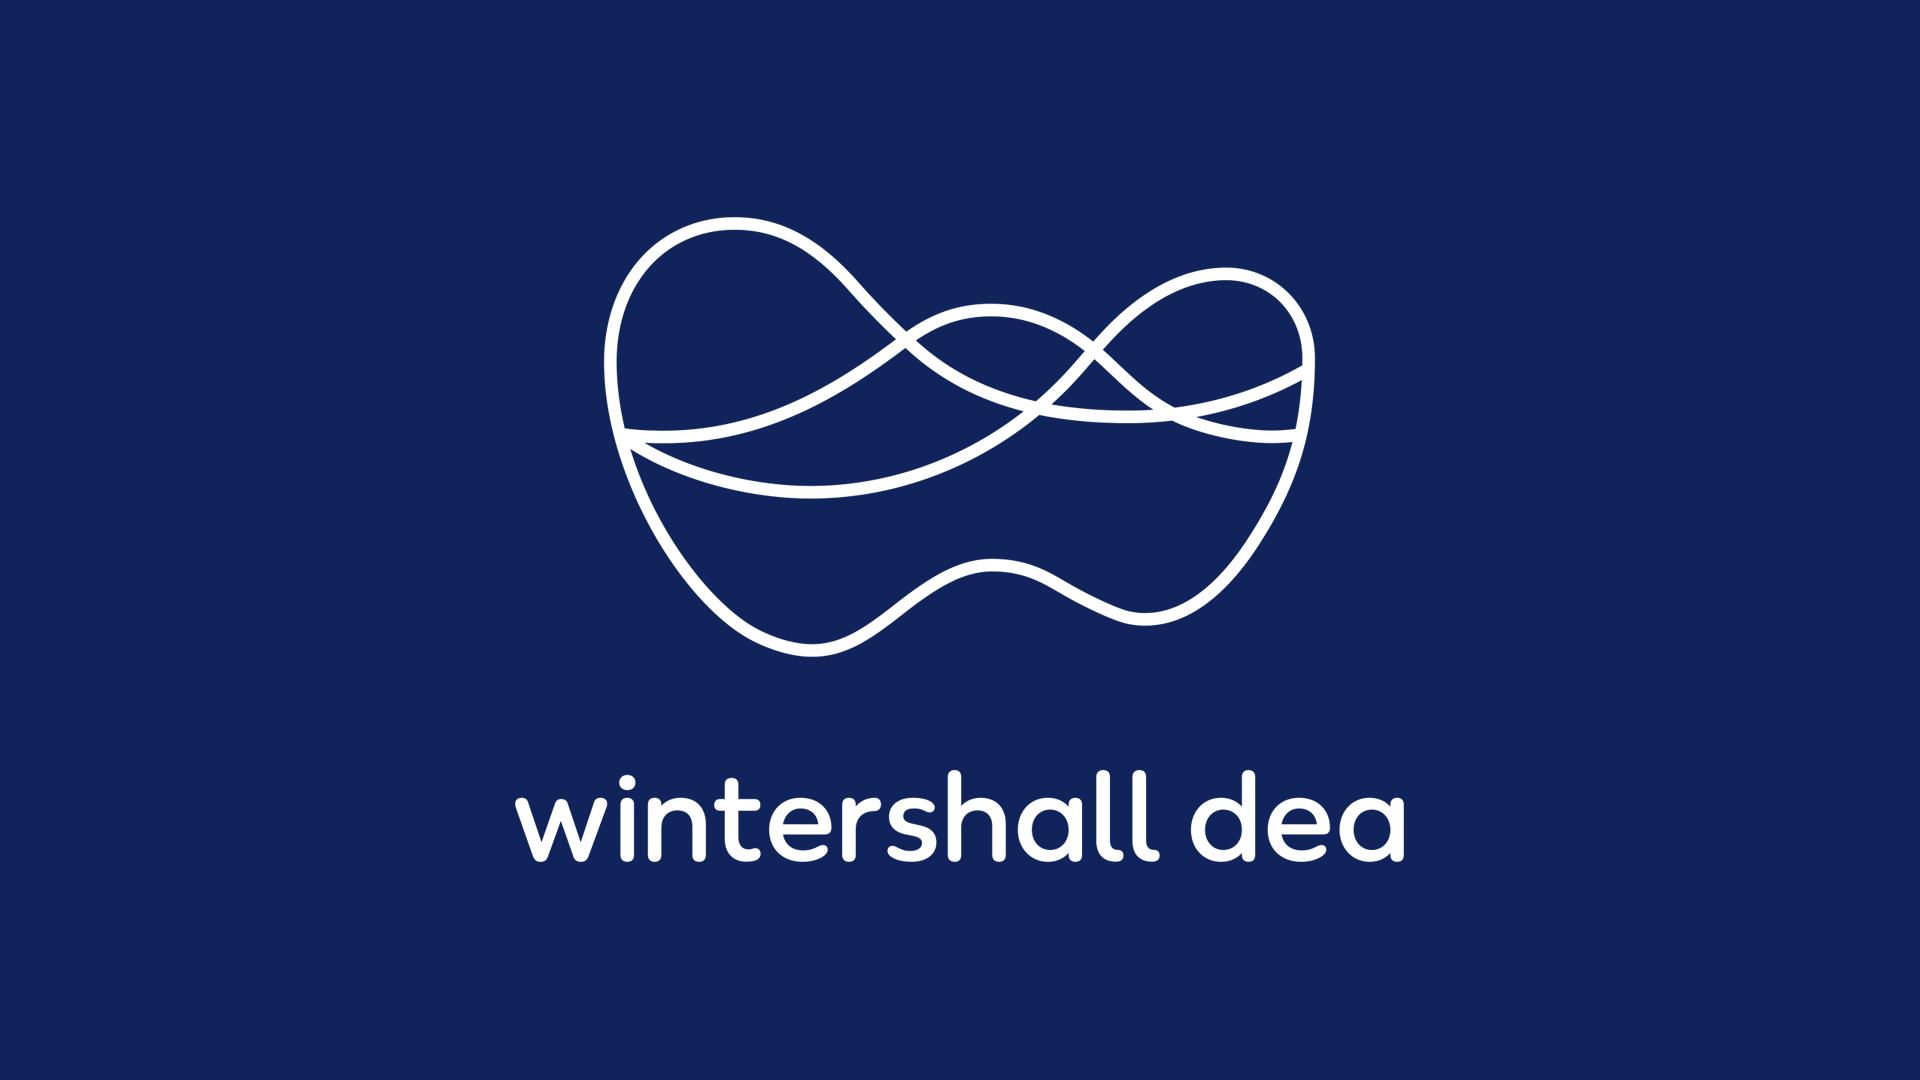 Se unen Wintershall y Deutsche Erdoel; nuevo líder petrolero europeo